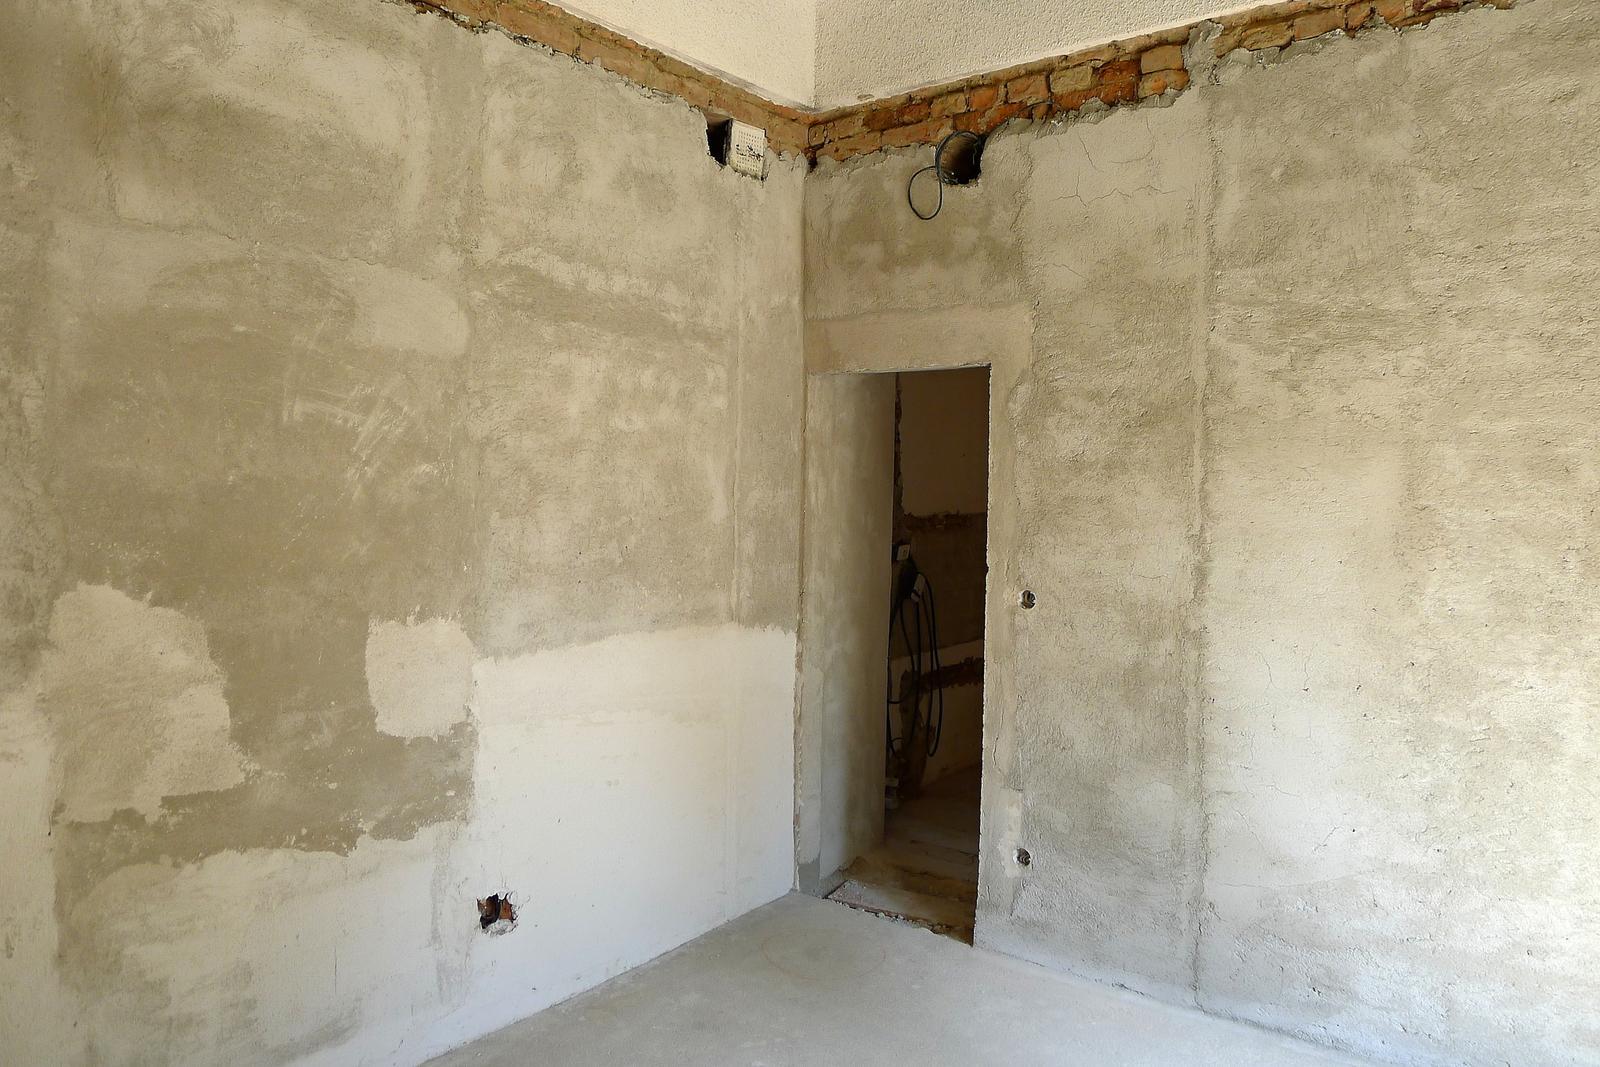 Rekonstrukce našeho domečku - Obrázek č. 67